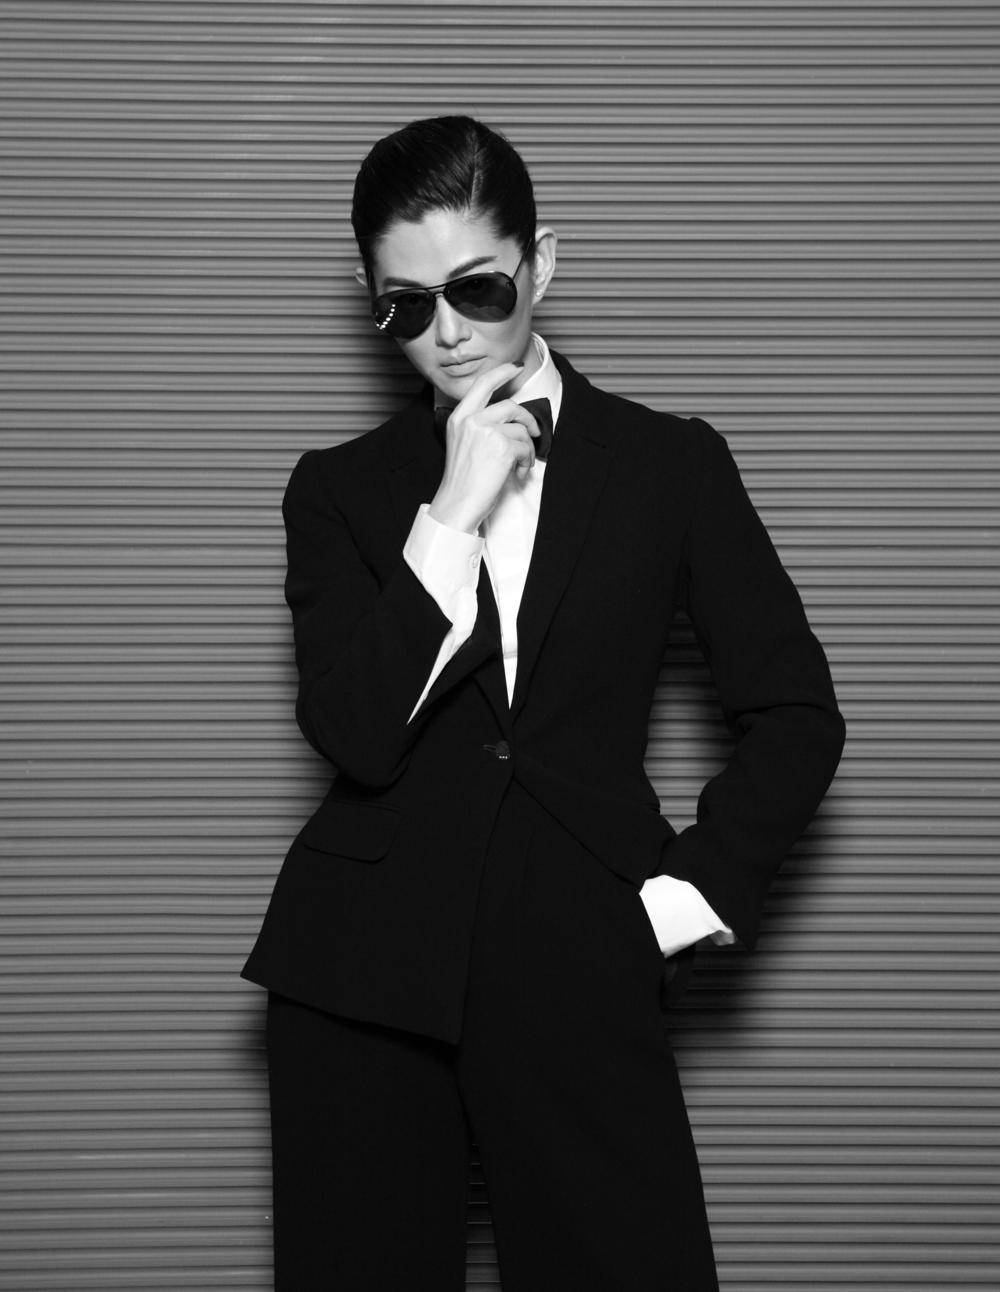 Suquan : clothes : ASAVA / sunglasses : Alexander McQueen